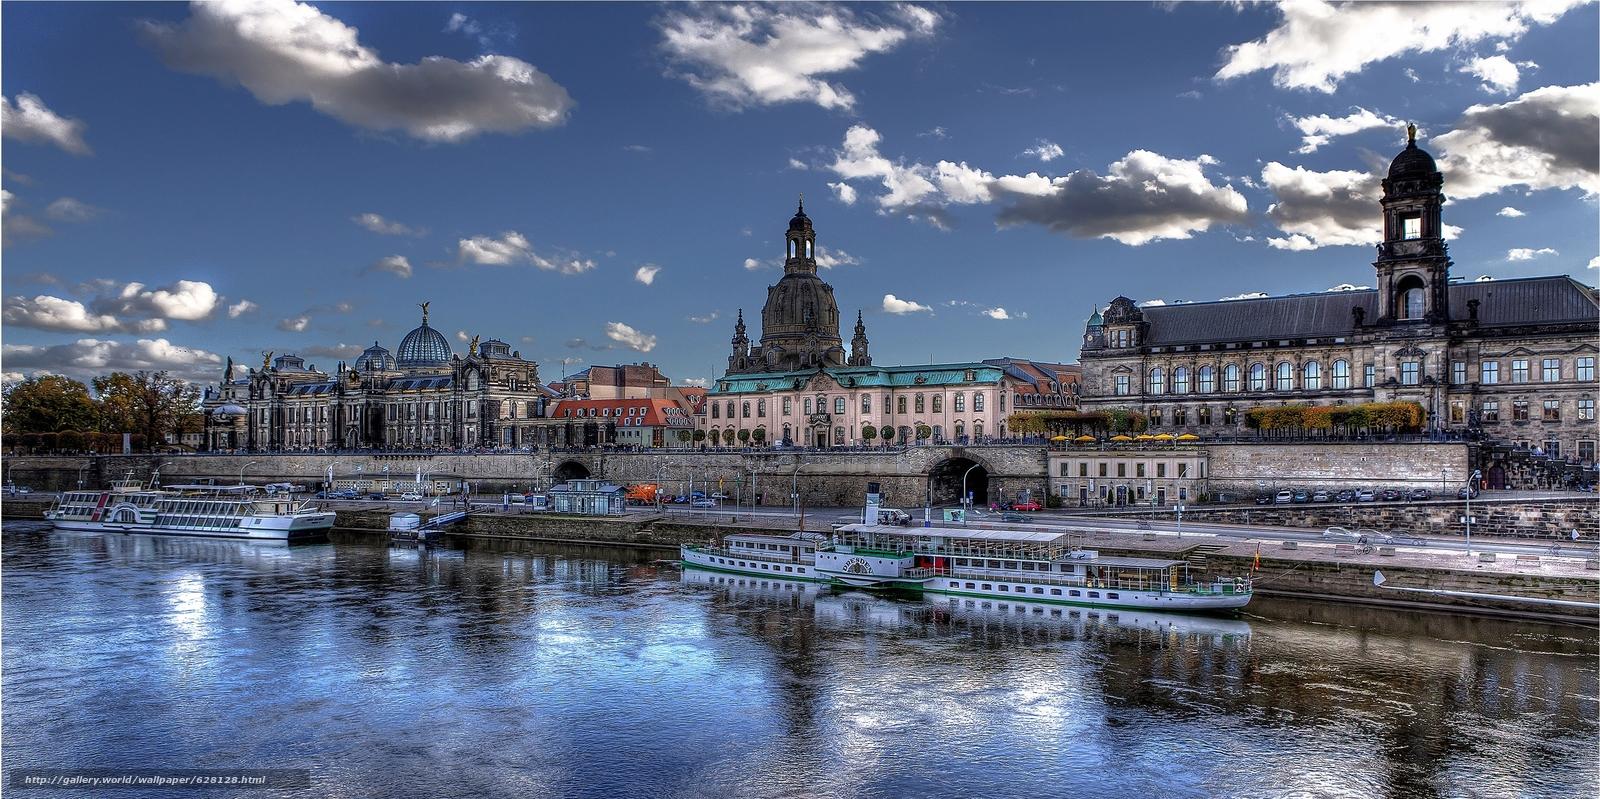 Скачать на телефон обои фото картинку на тему Дрезден, Германия, река Эльба, разширение 3547x1772